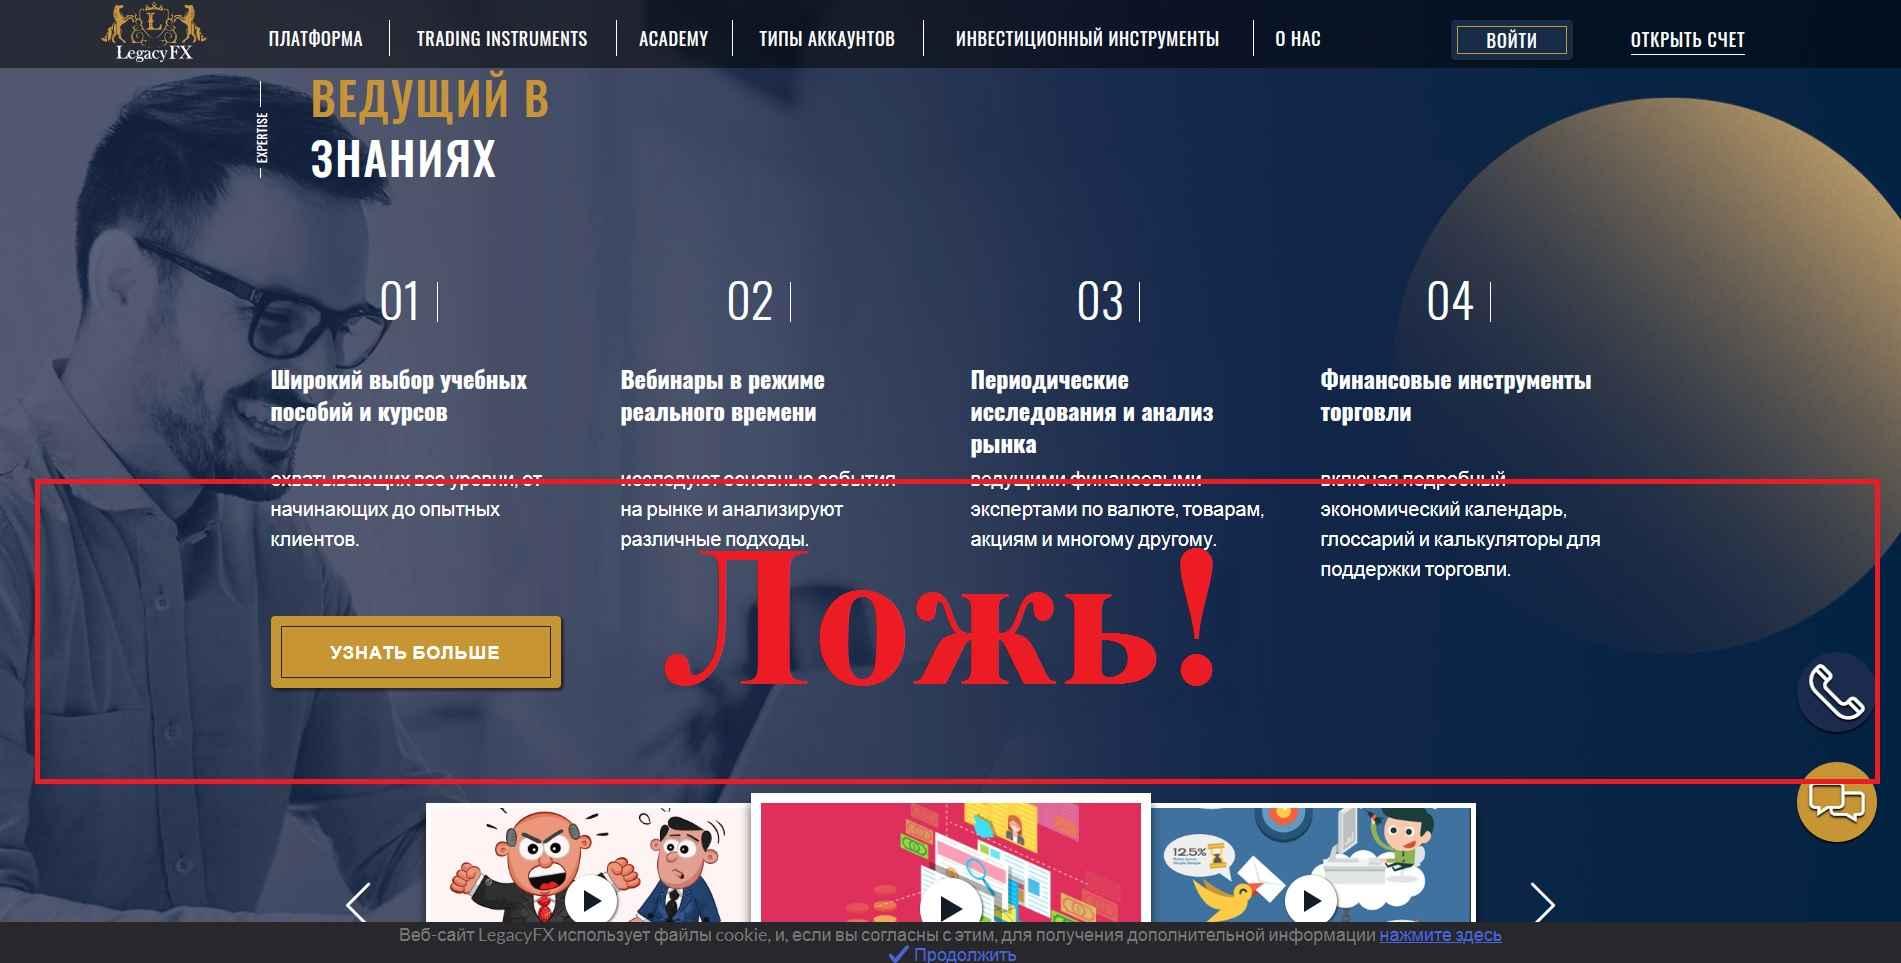 LegacyFX – отзывы о брокере legacyfx.eu